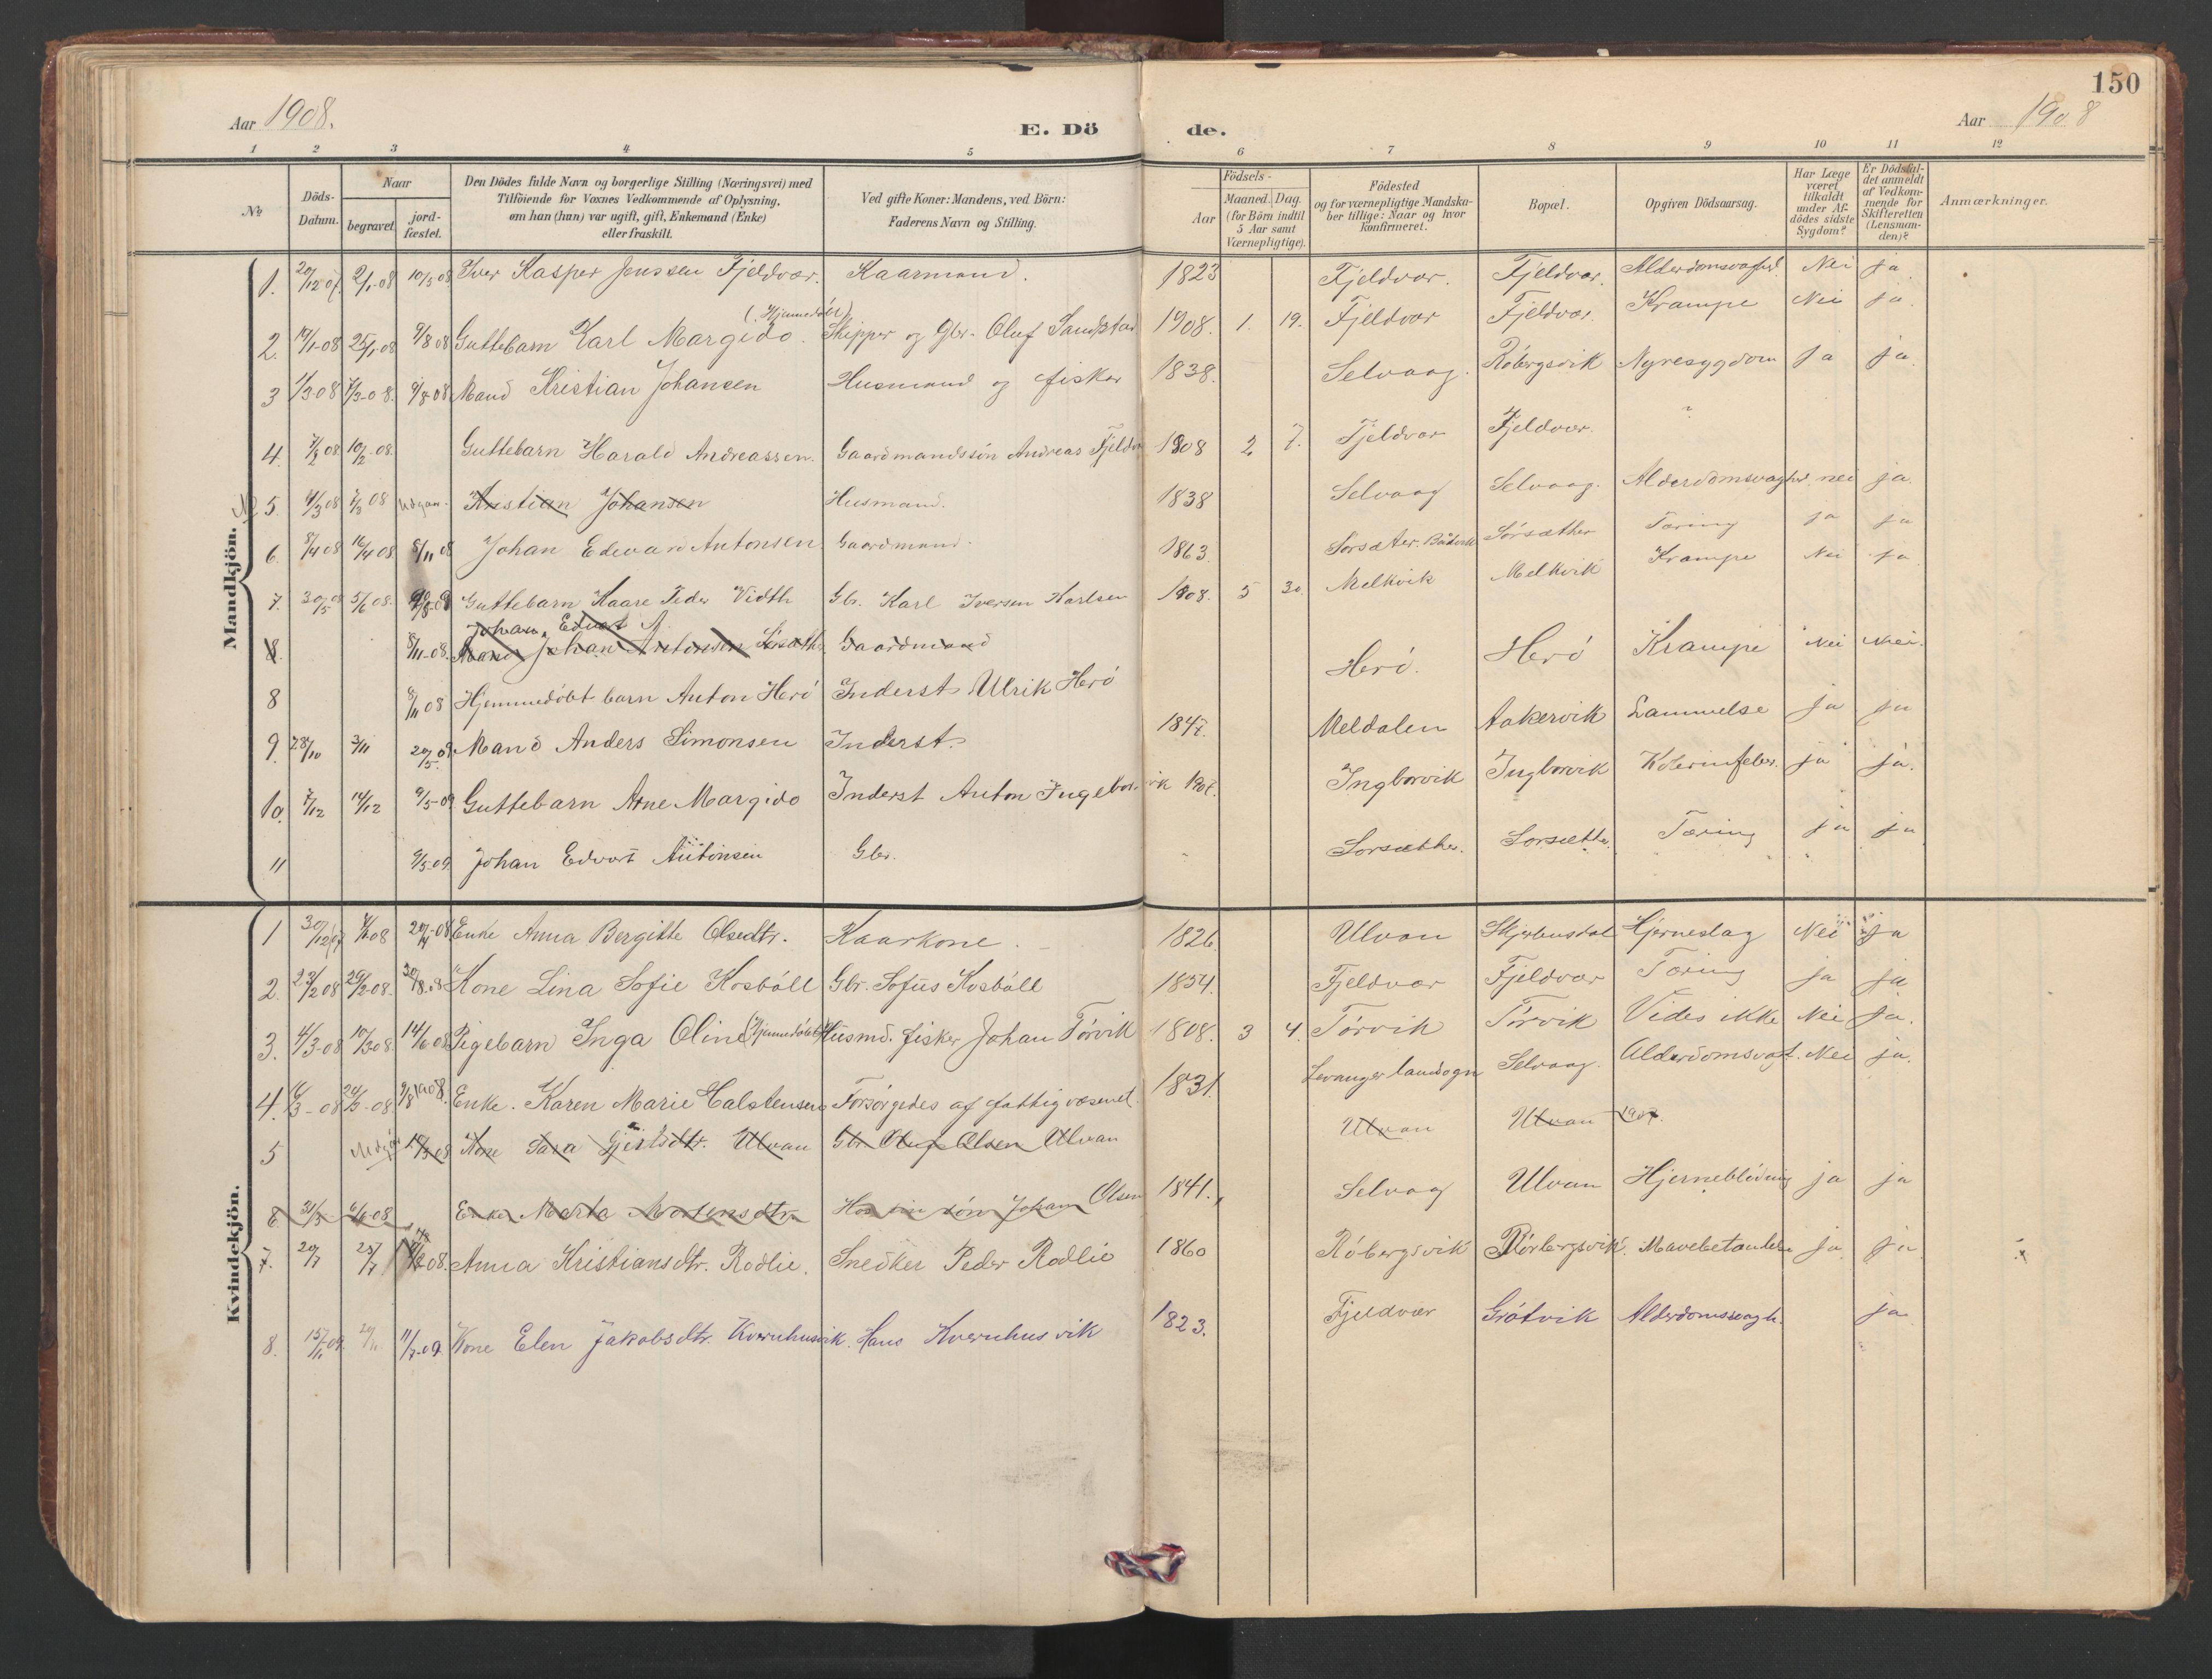 SAT, Ministerialprotokoller, klokkerbøker og fødselsregistre - Sør-Trøndelag, 638/L0571: Klokkerbok nr. 638C03, 1901-1930, s. 150